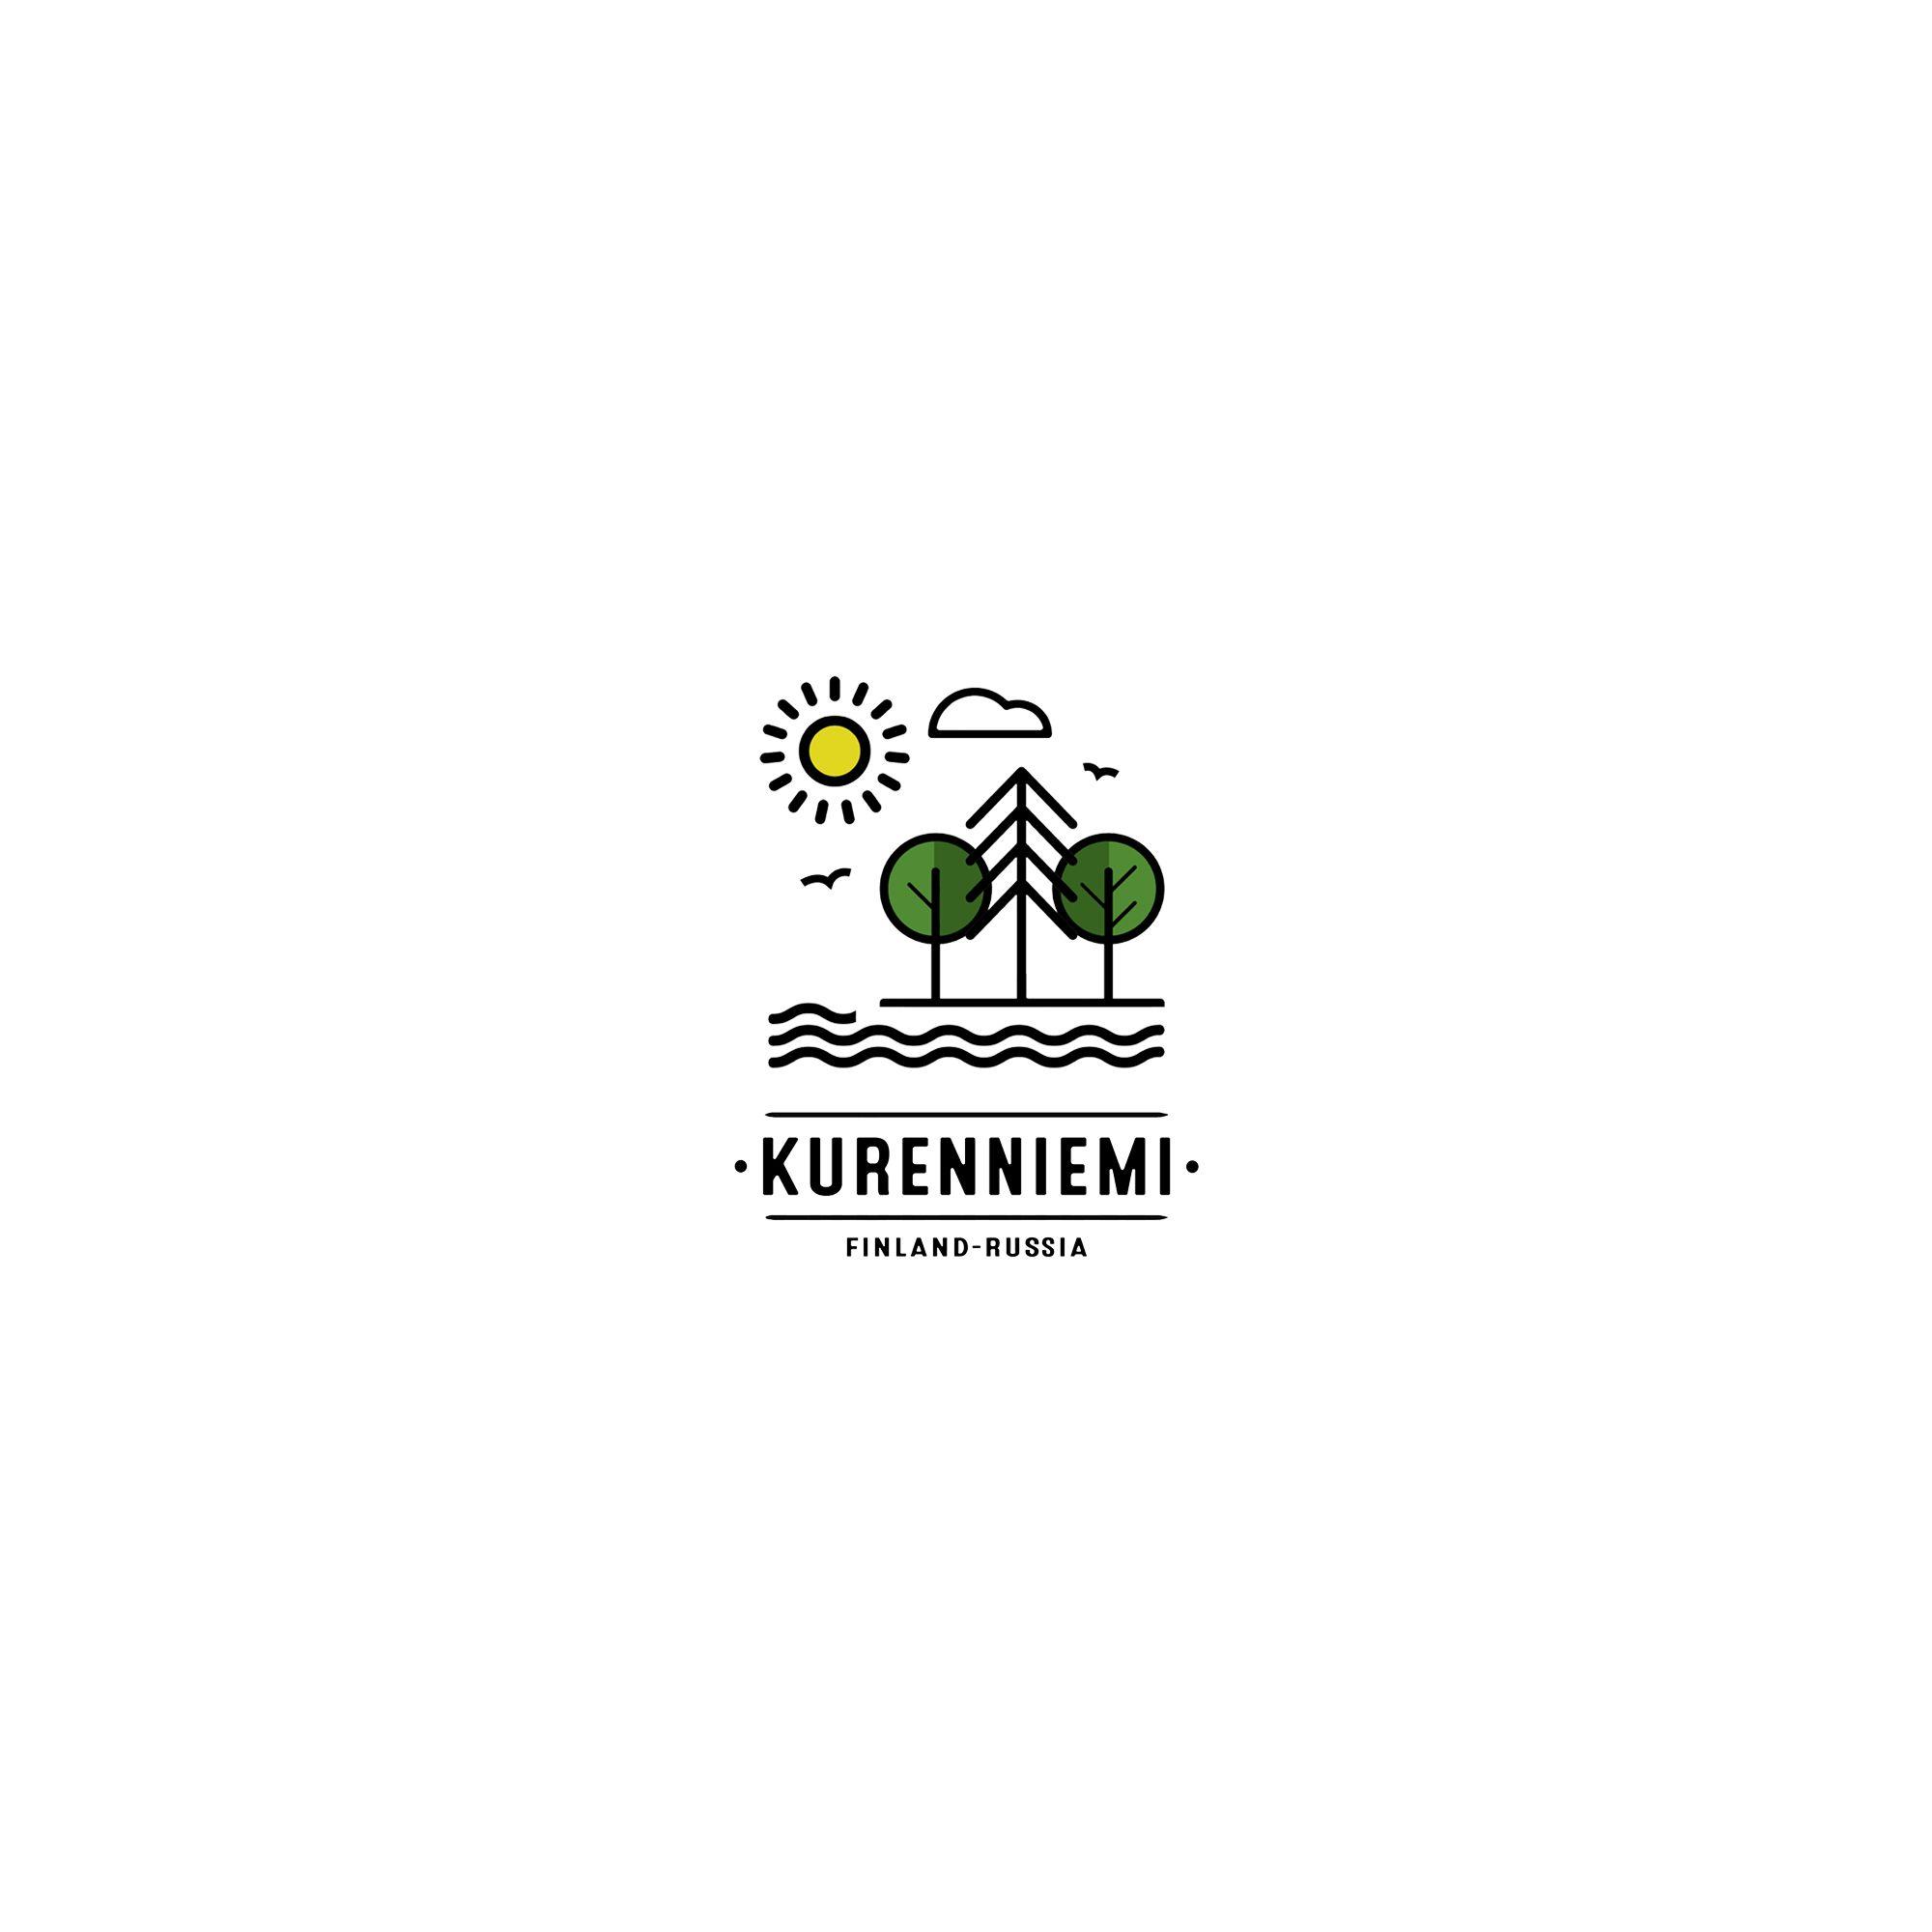 Логотип для Kurenniemi, FinAgRu-nat, Finland-Russia - дизайнер talitattooer